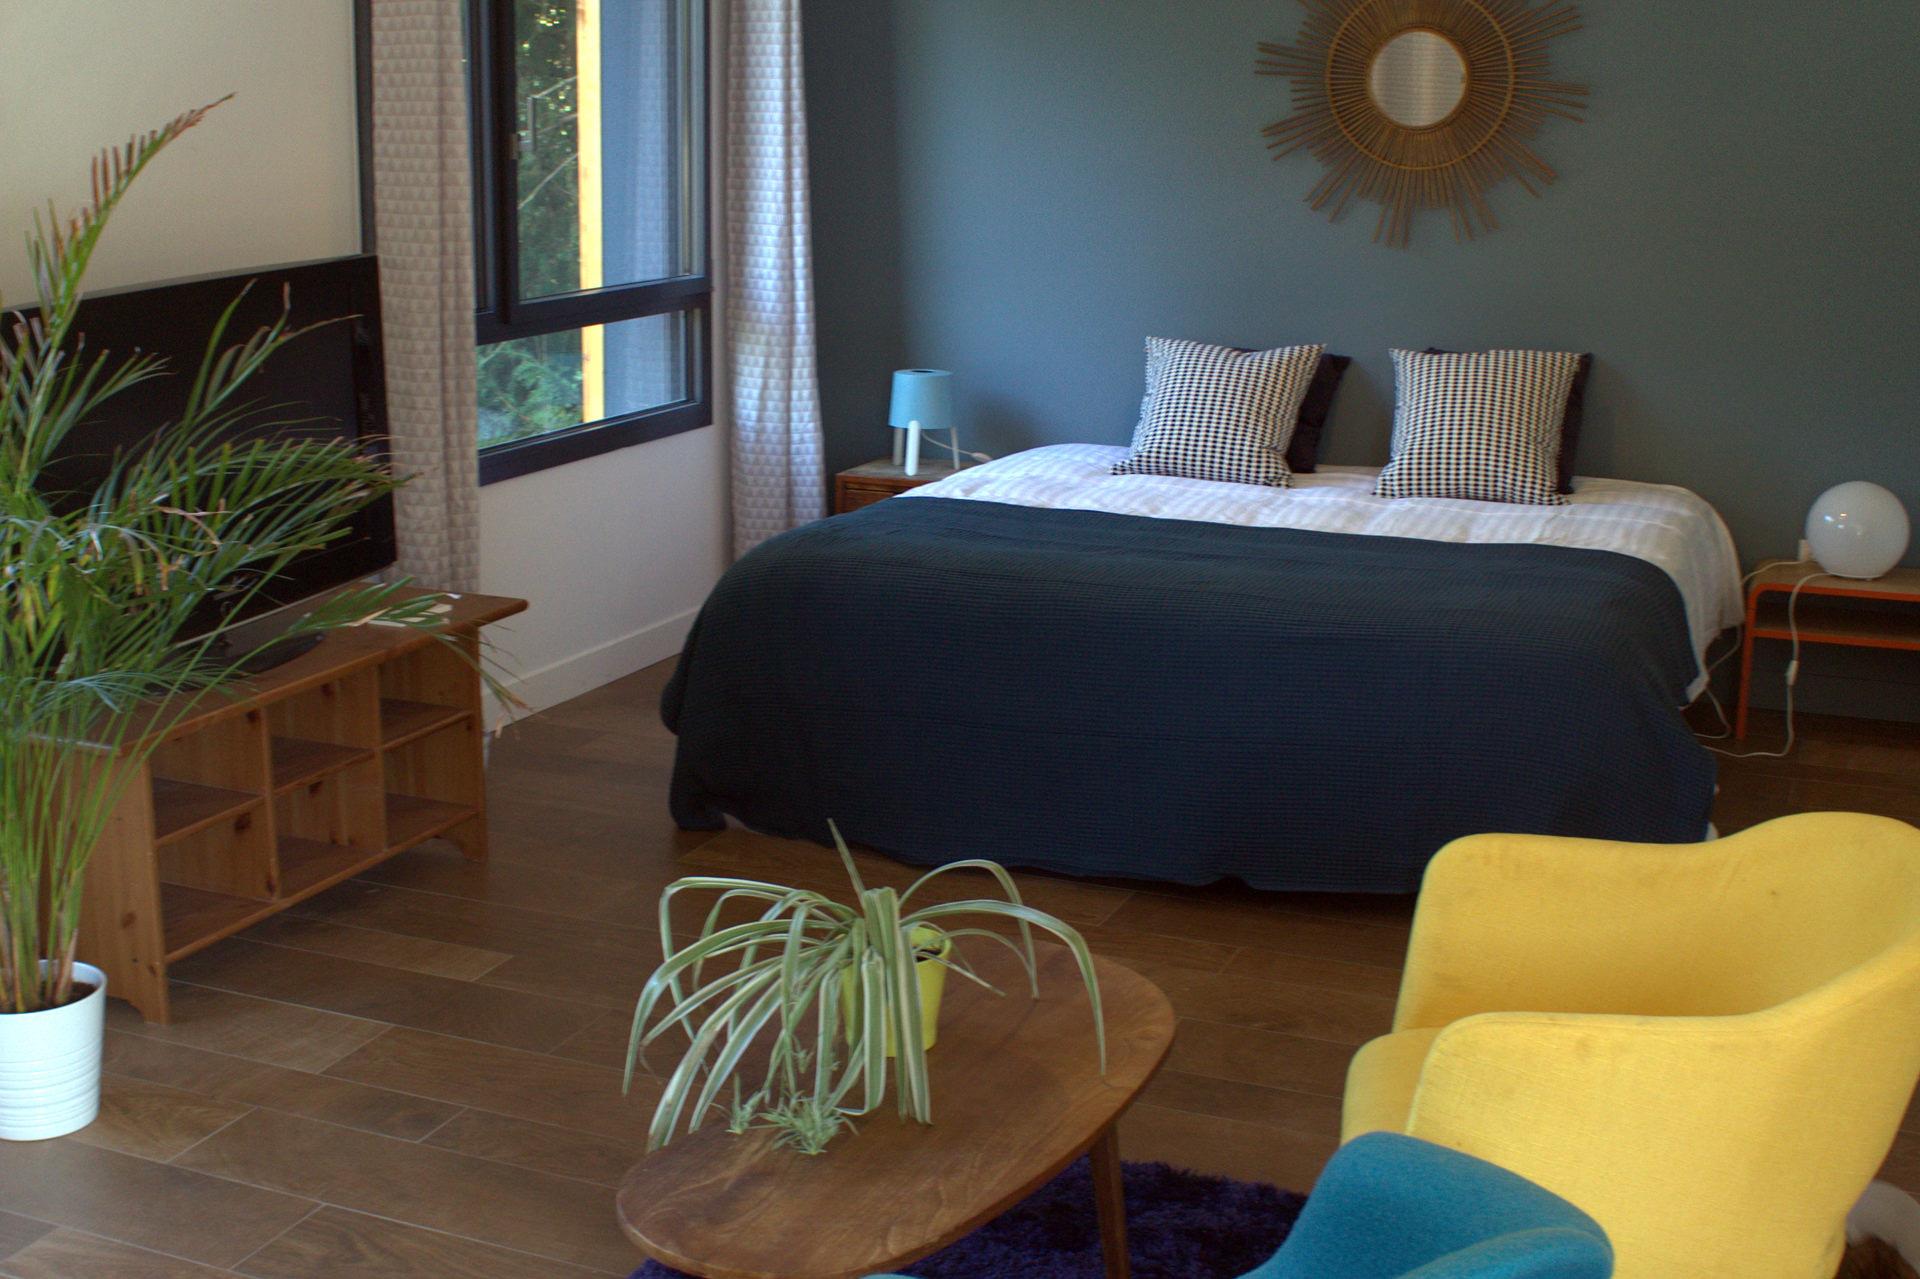 Saint-Cyr-au-Mont-d'Or chambre hotes bnb